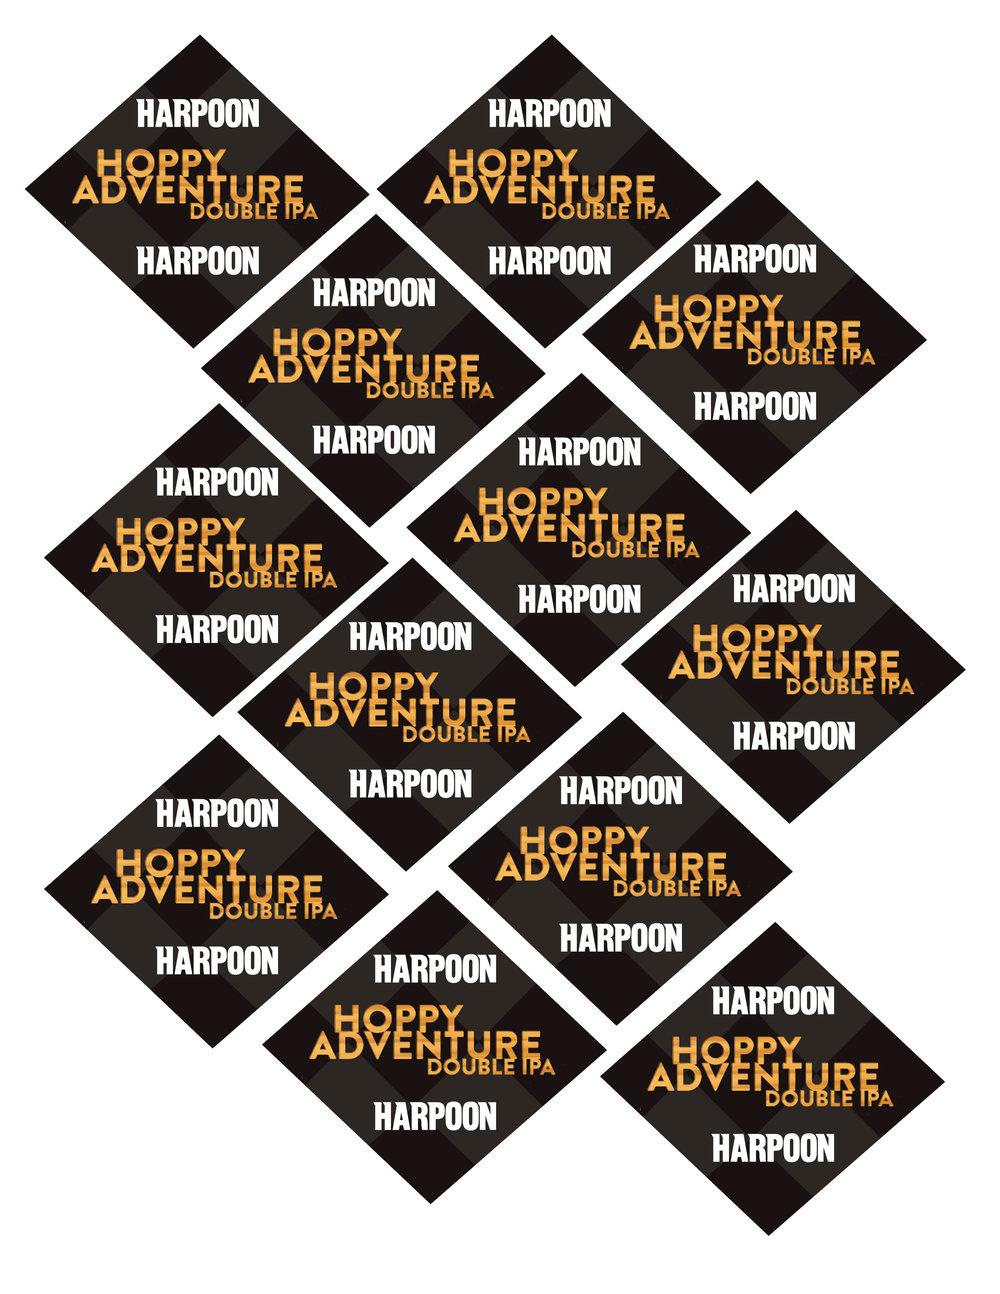 harpoon-hoppyadventure_diamondsheet.jpg